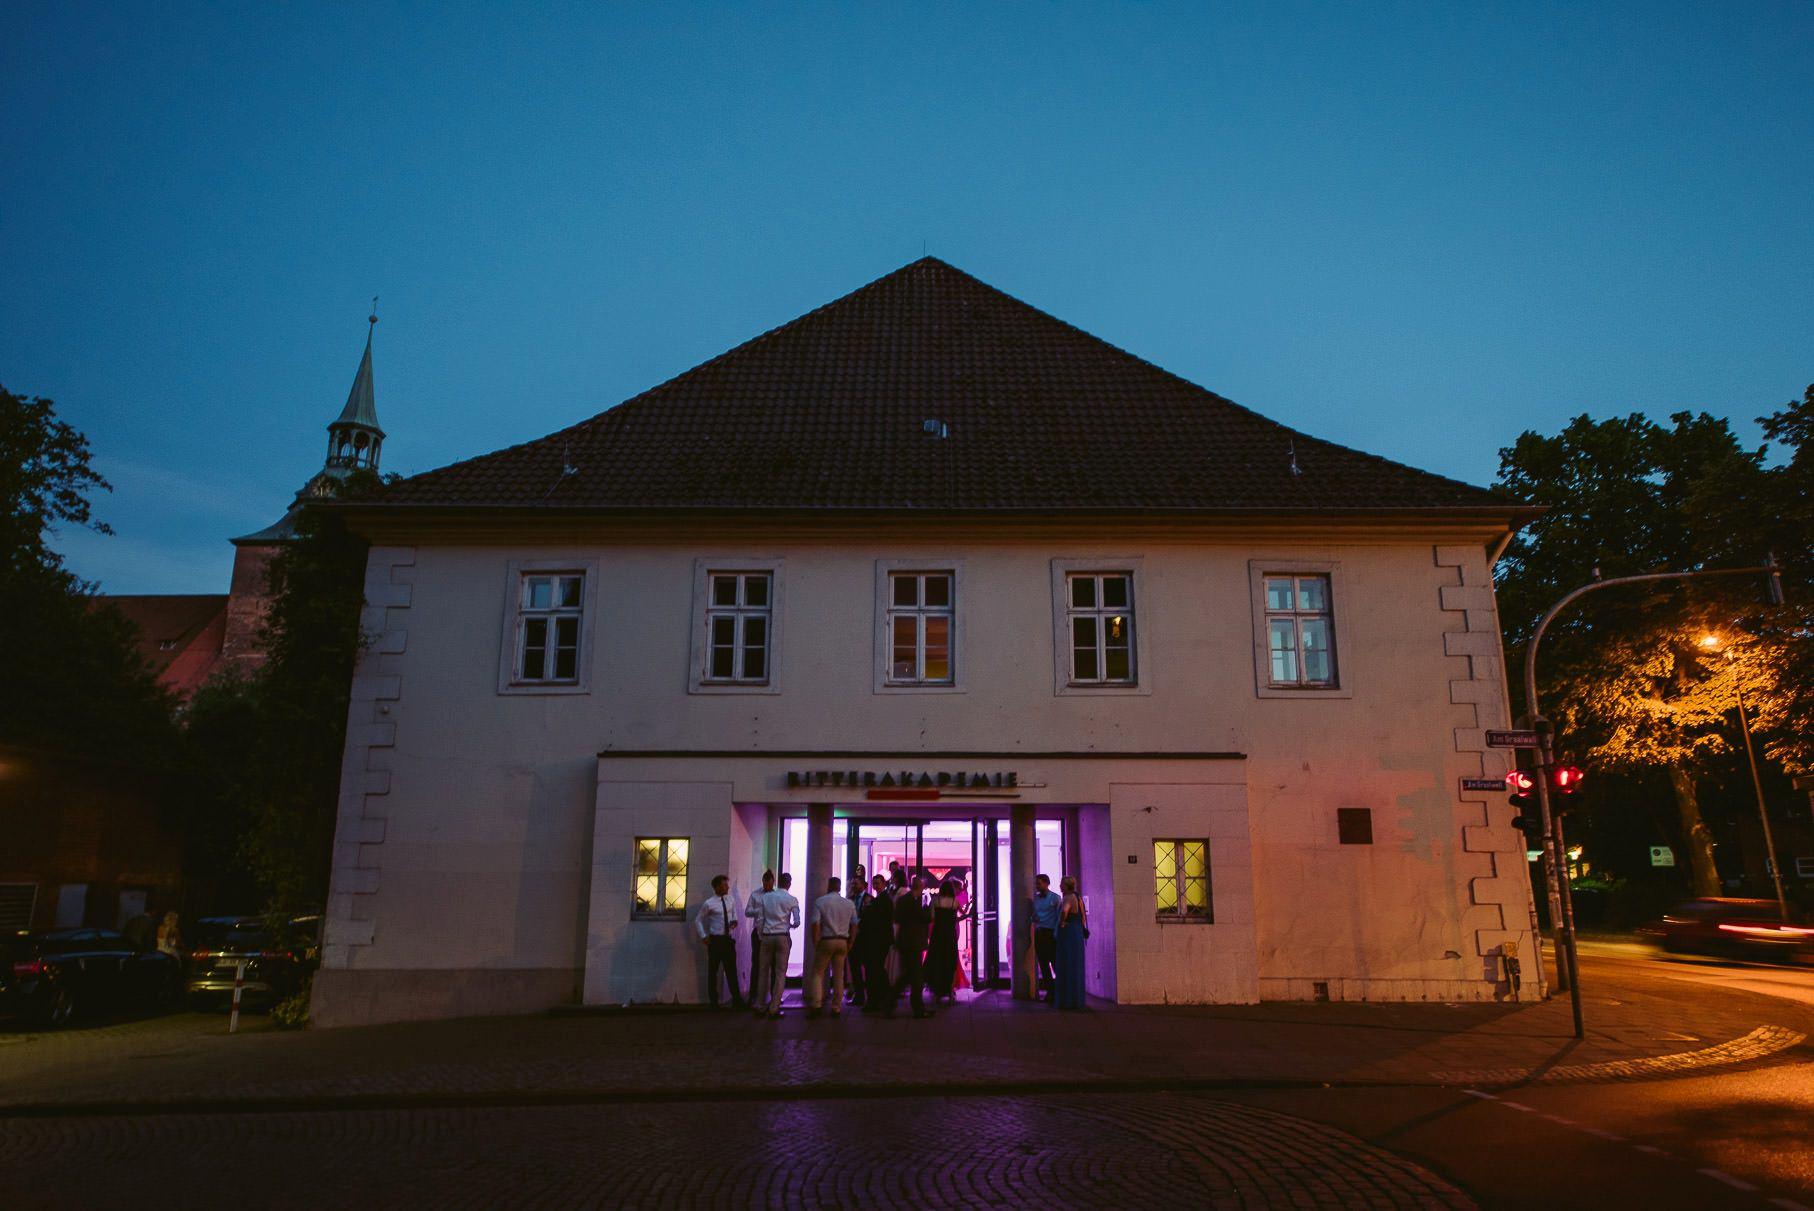 0095 jus 811 0888 - Hochzeit im Wasserturm Lüneburg - Jenny & Sascha